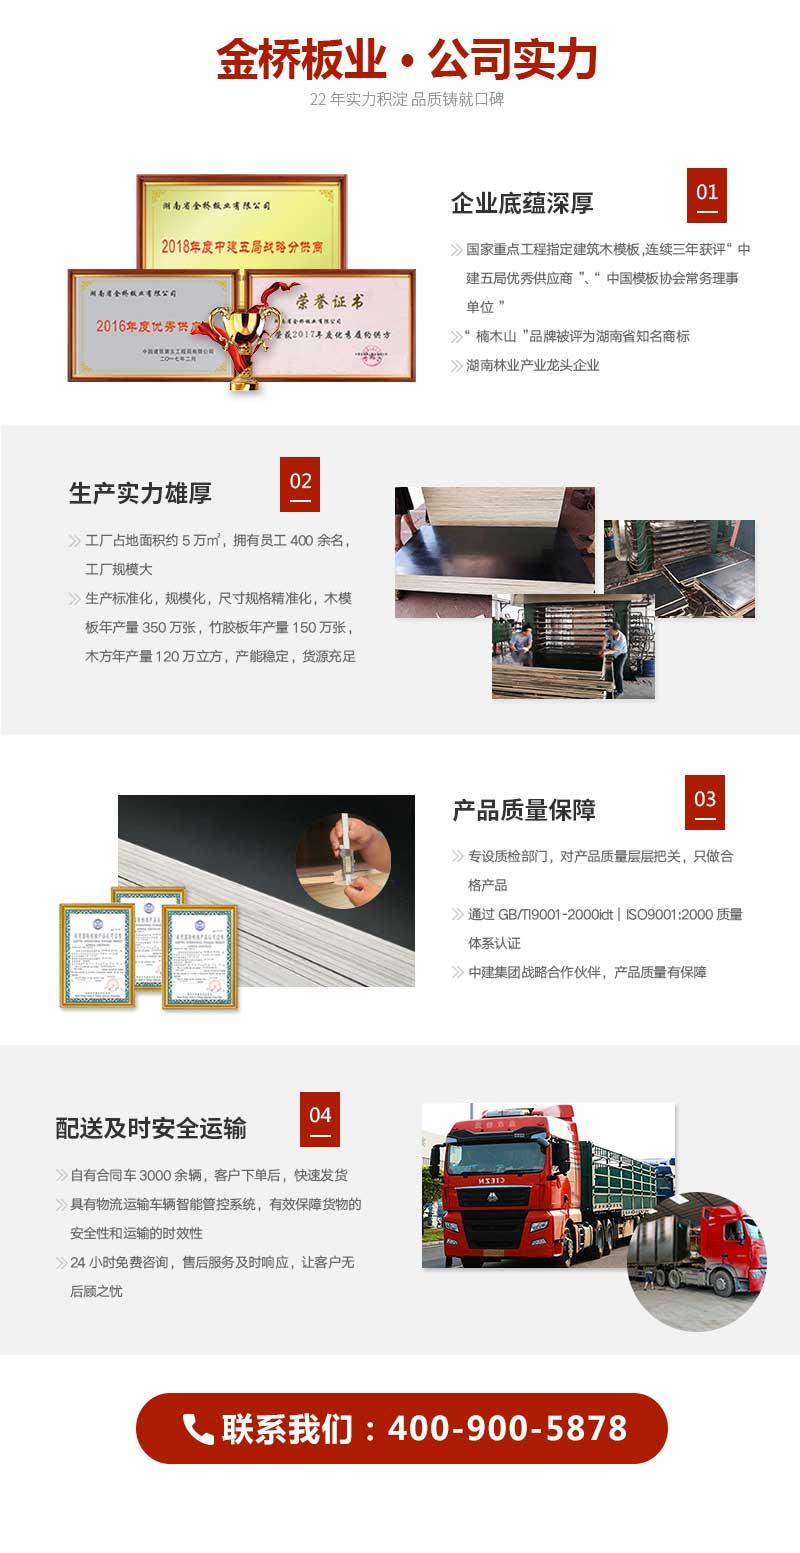 建筑清水模板金桥板业公司实力